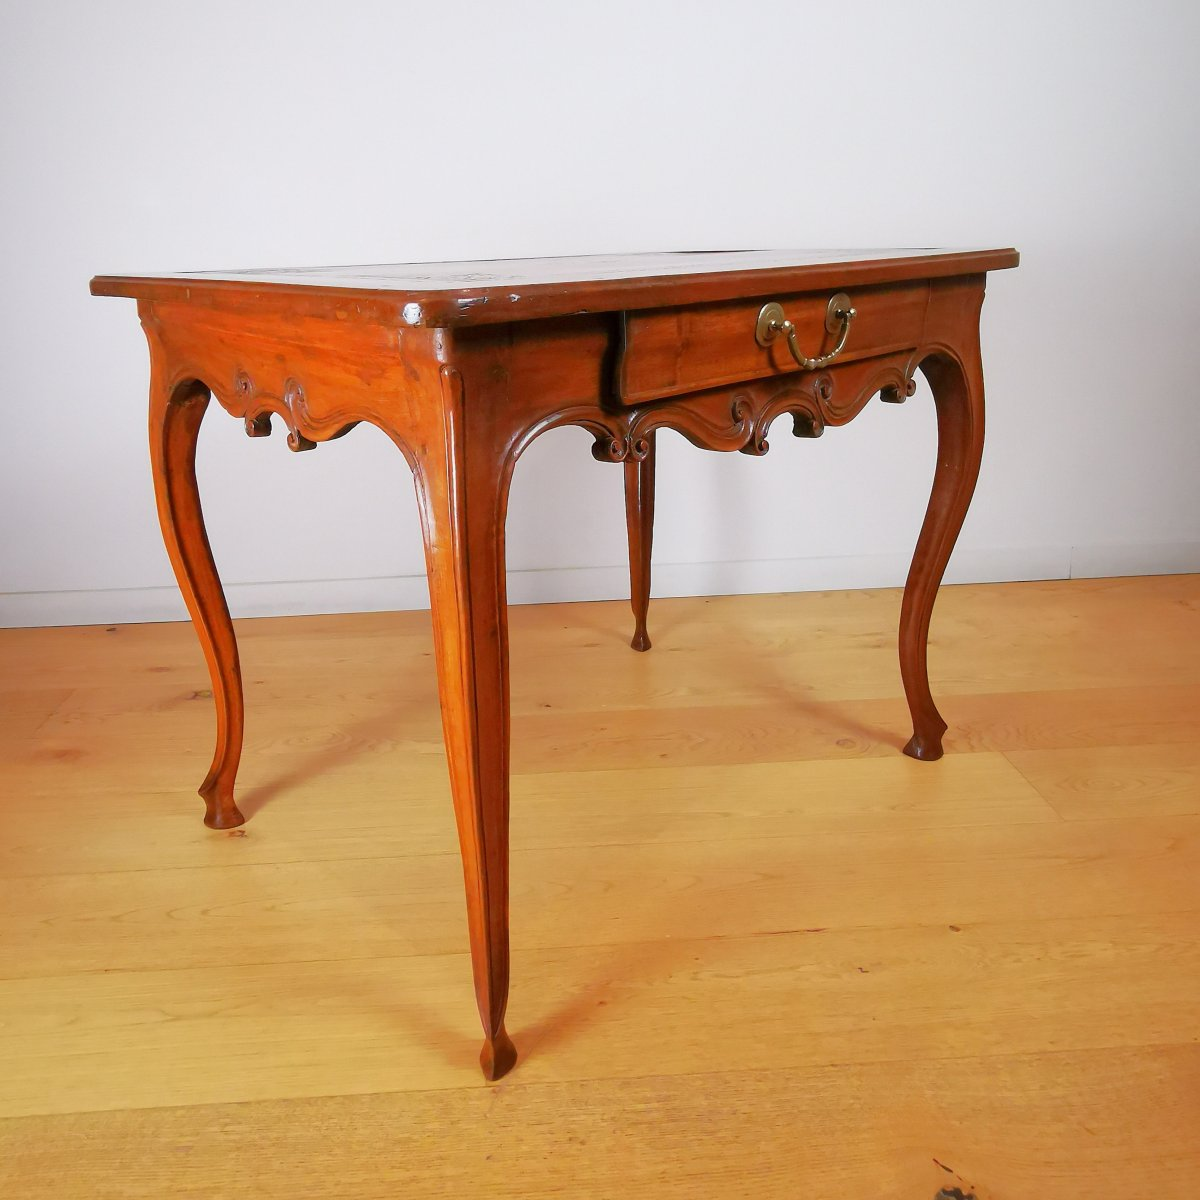 Table à écrire ou petit bureau Provençal, Milieu XVIIIe Vers 1750.